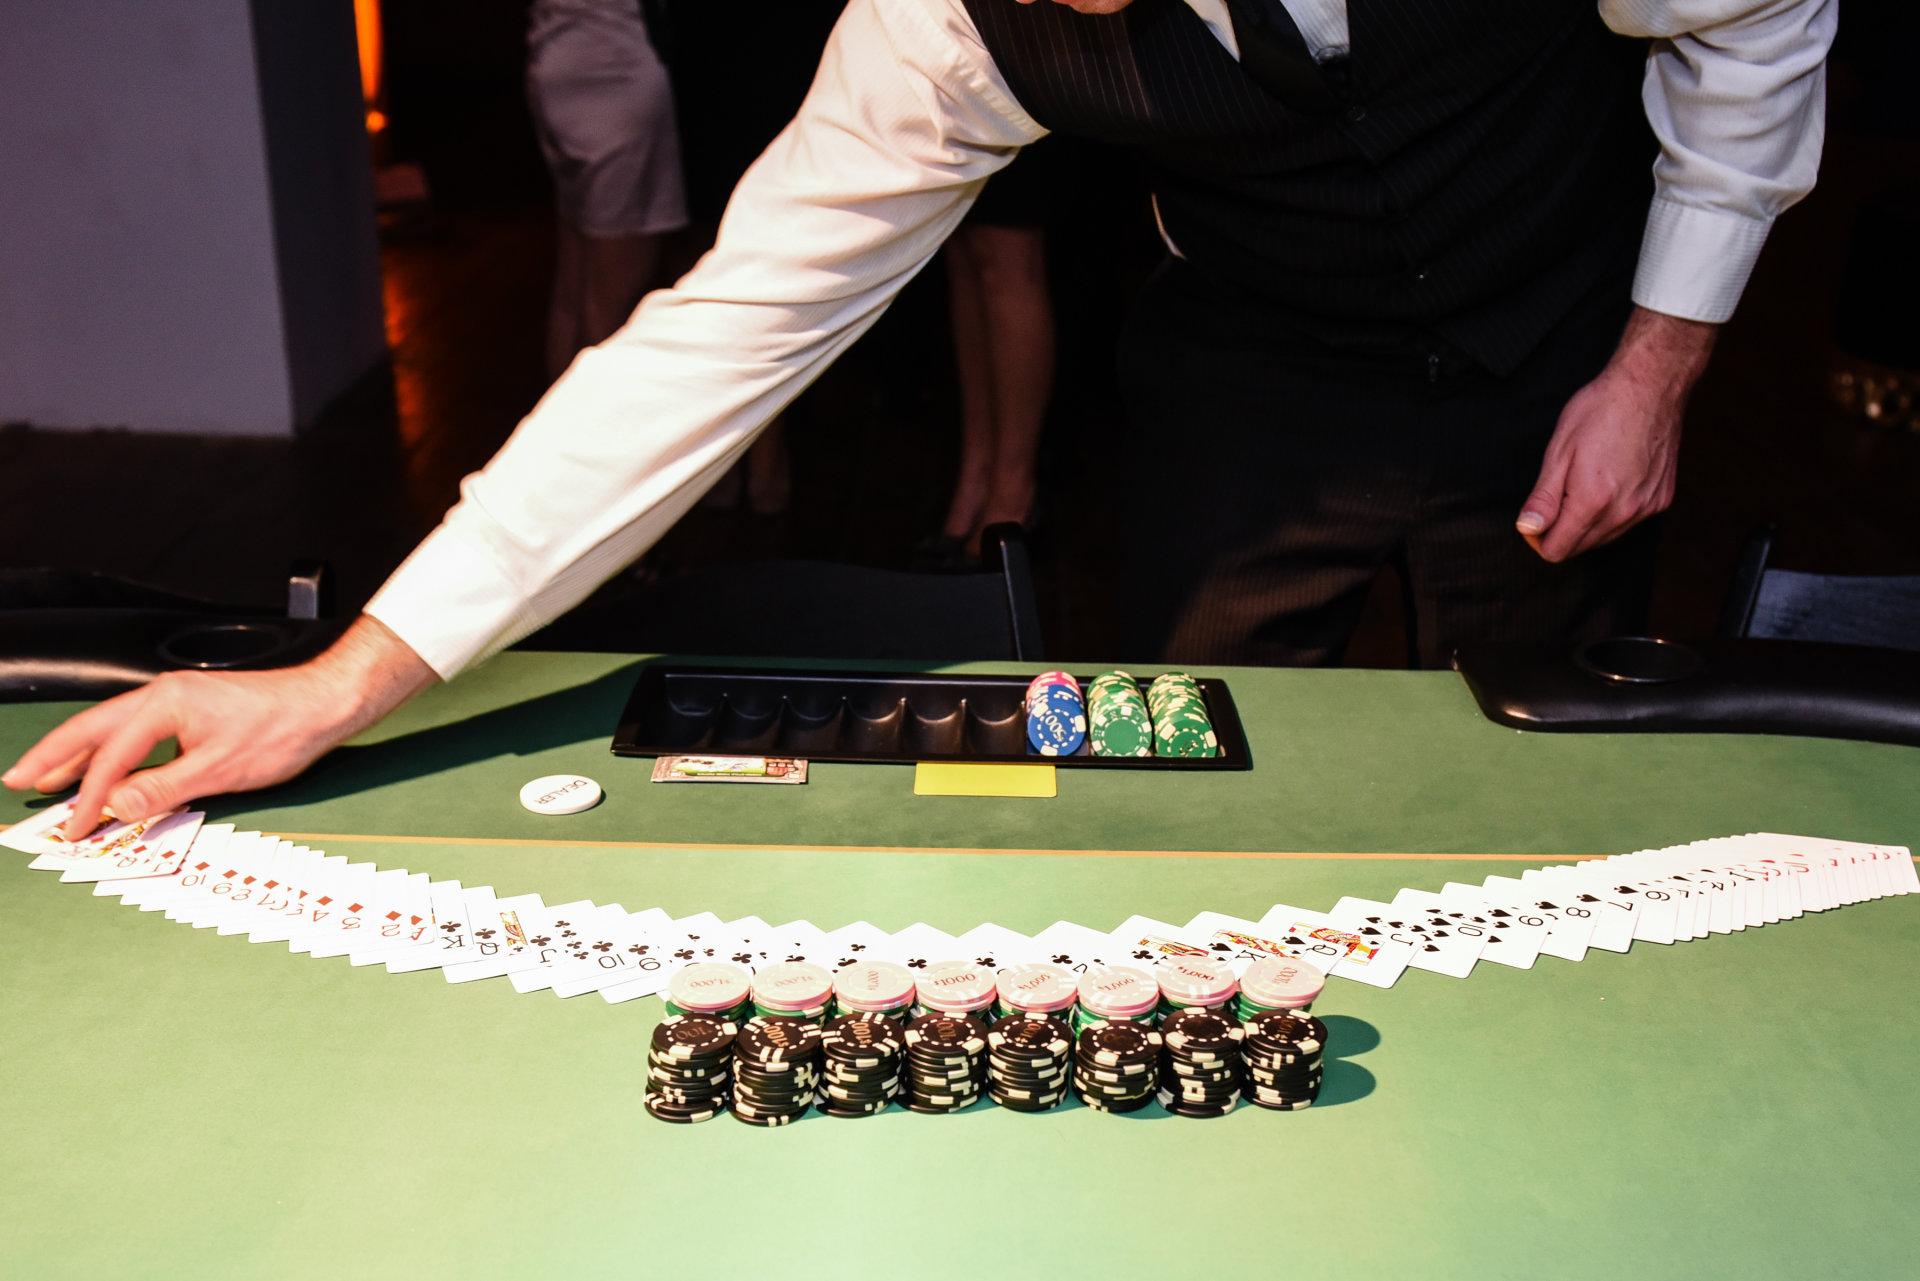 Dvejetainiai variantai azartiniai lošimai ar ne